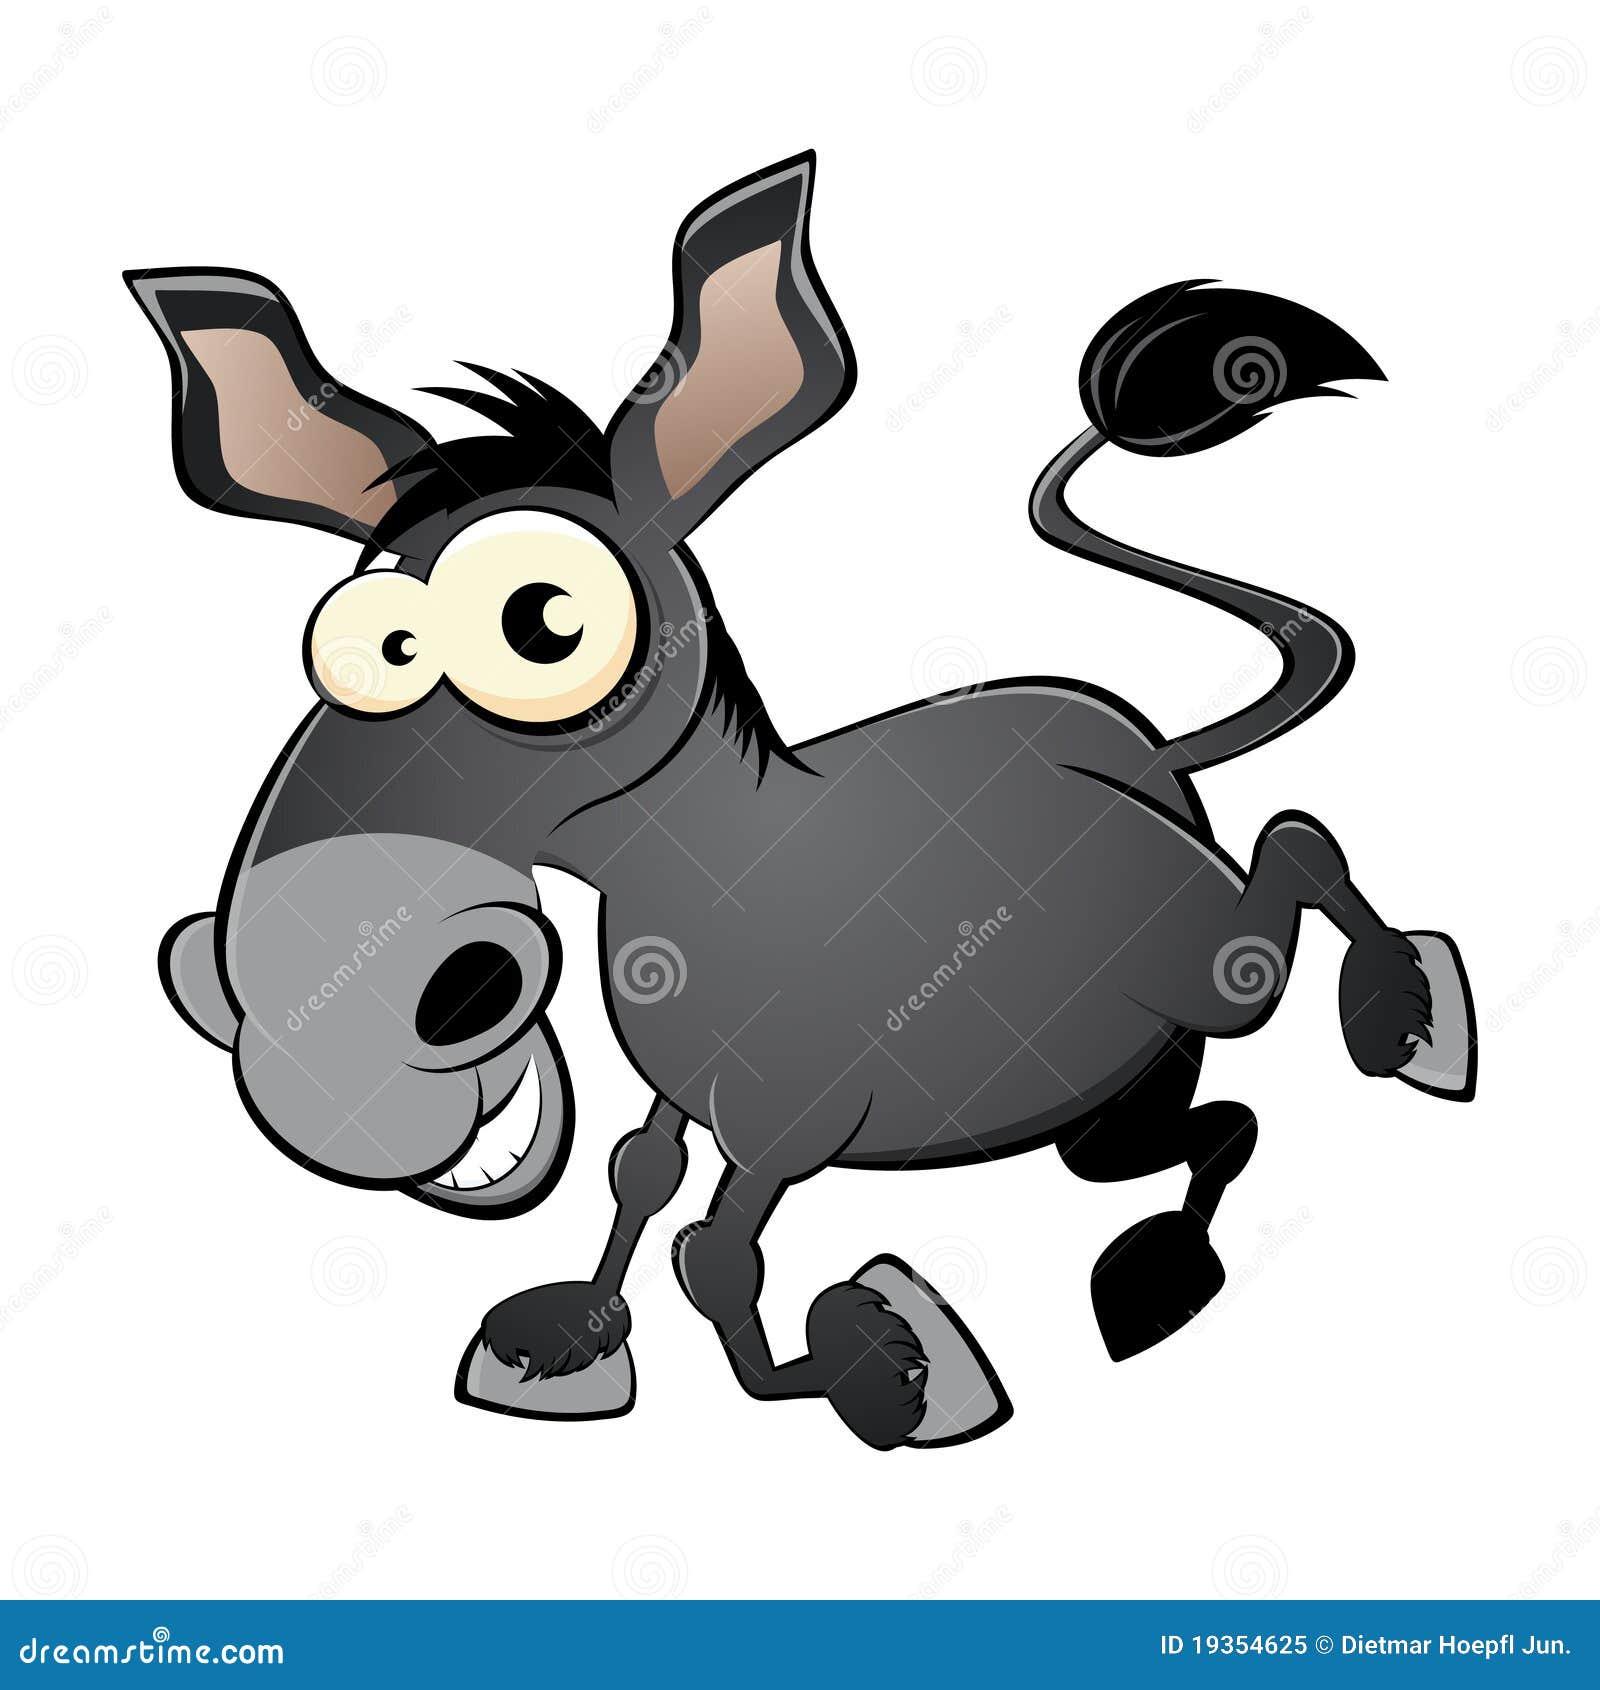 Cartoon illustration of kicking donkey or mule; isolated on white ...